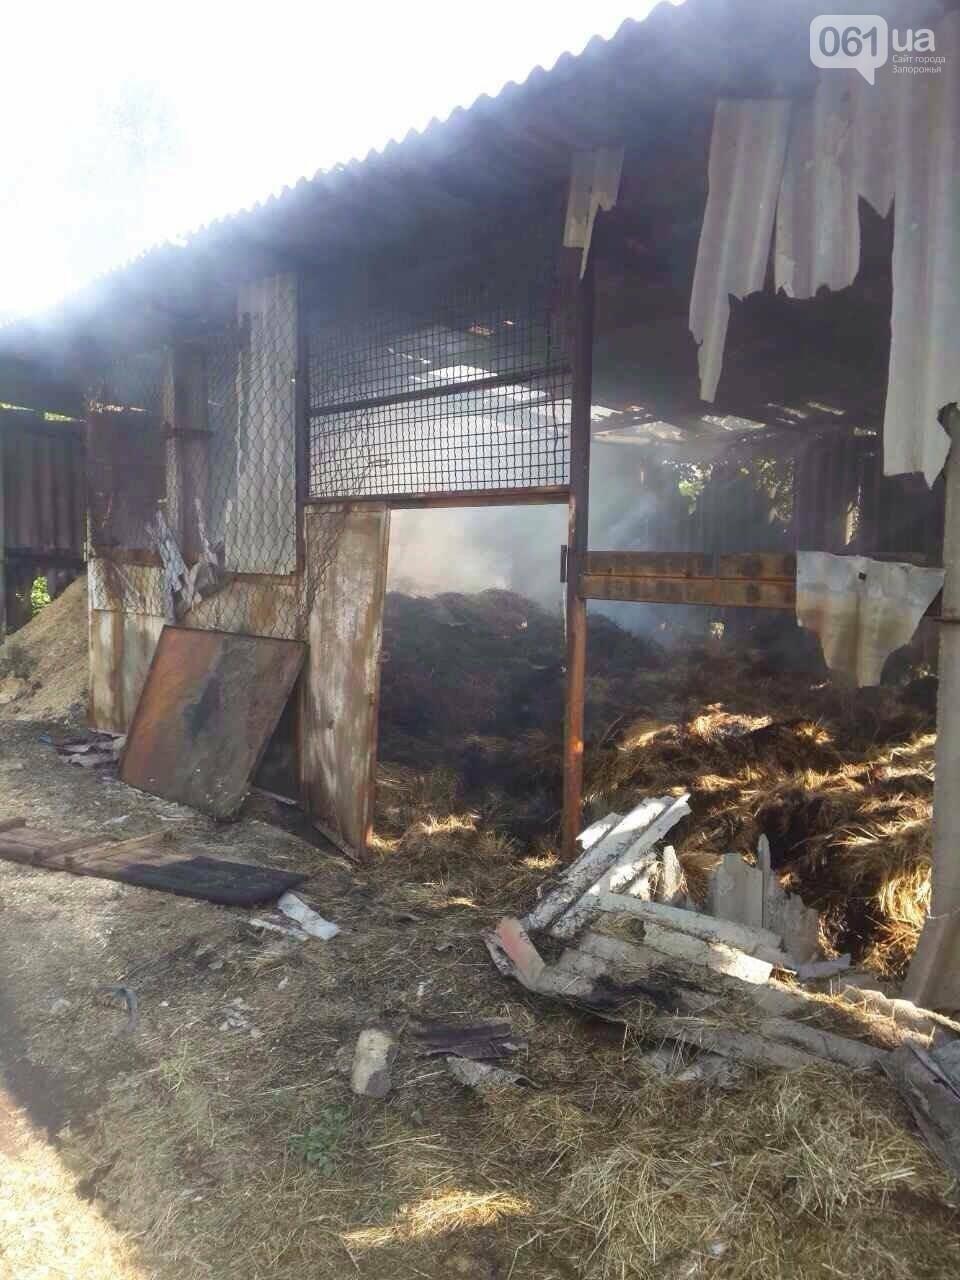 Ночью на Хортице горела конюшня: в администрации заповедника уверены, что это поджог, - ФОТО , фото-2